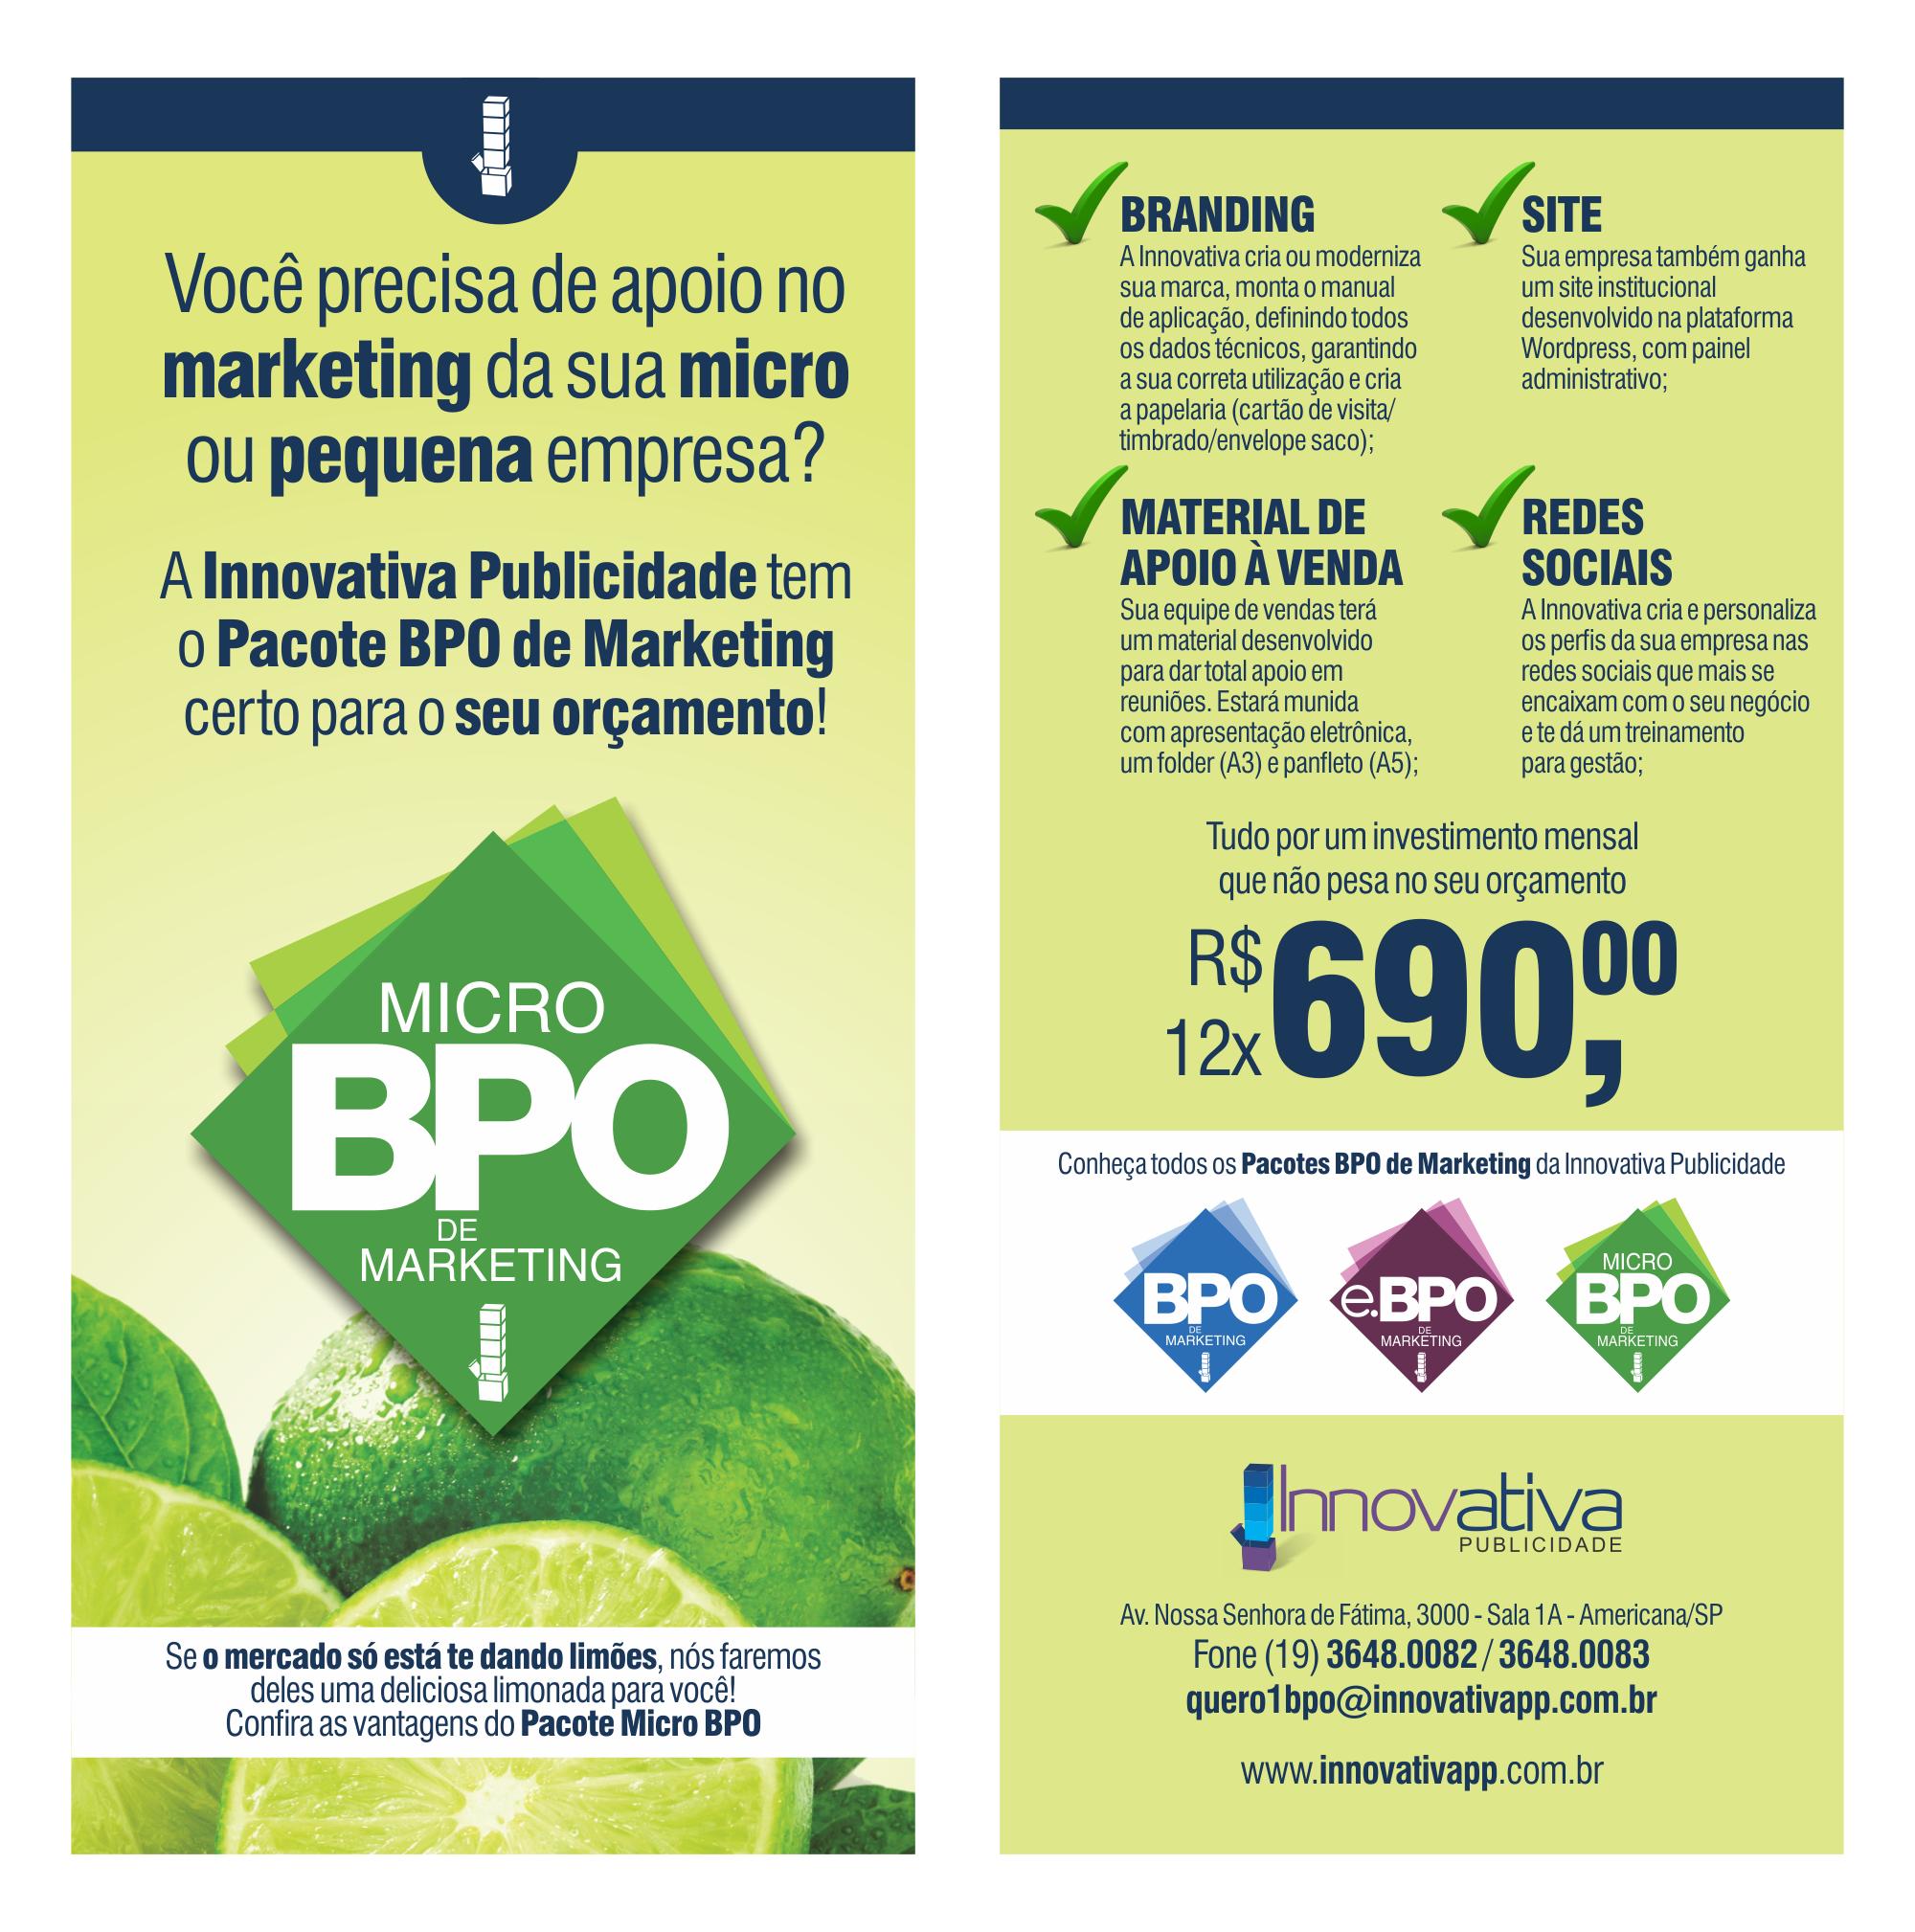 Panfleto de divulgação do Micro BPO da Innovativa Publicidade